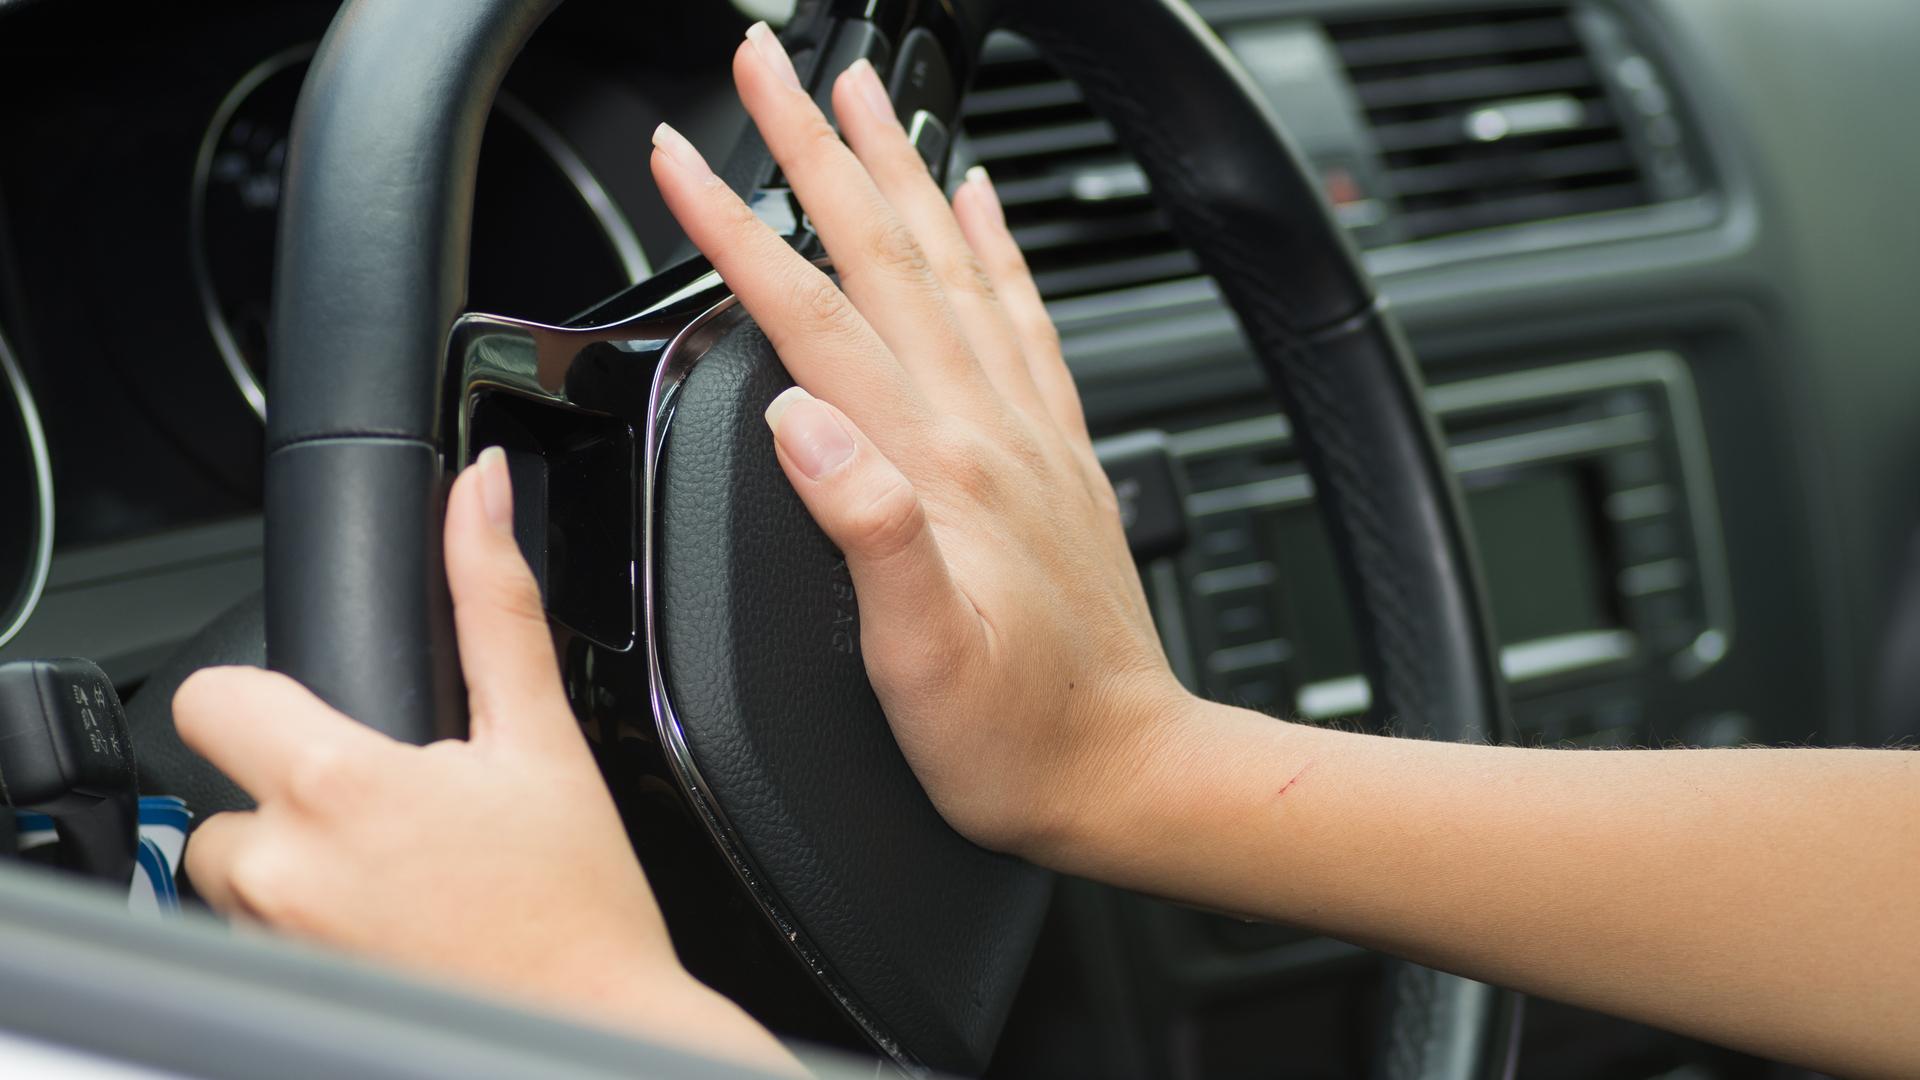 mao feminina acionando a buzina no volante de carro